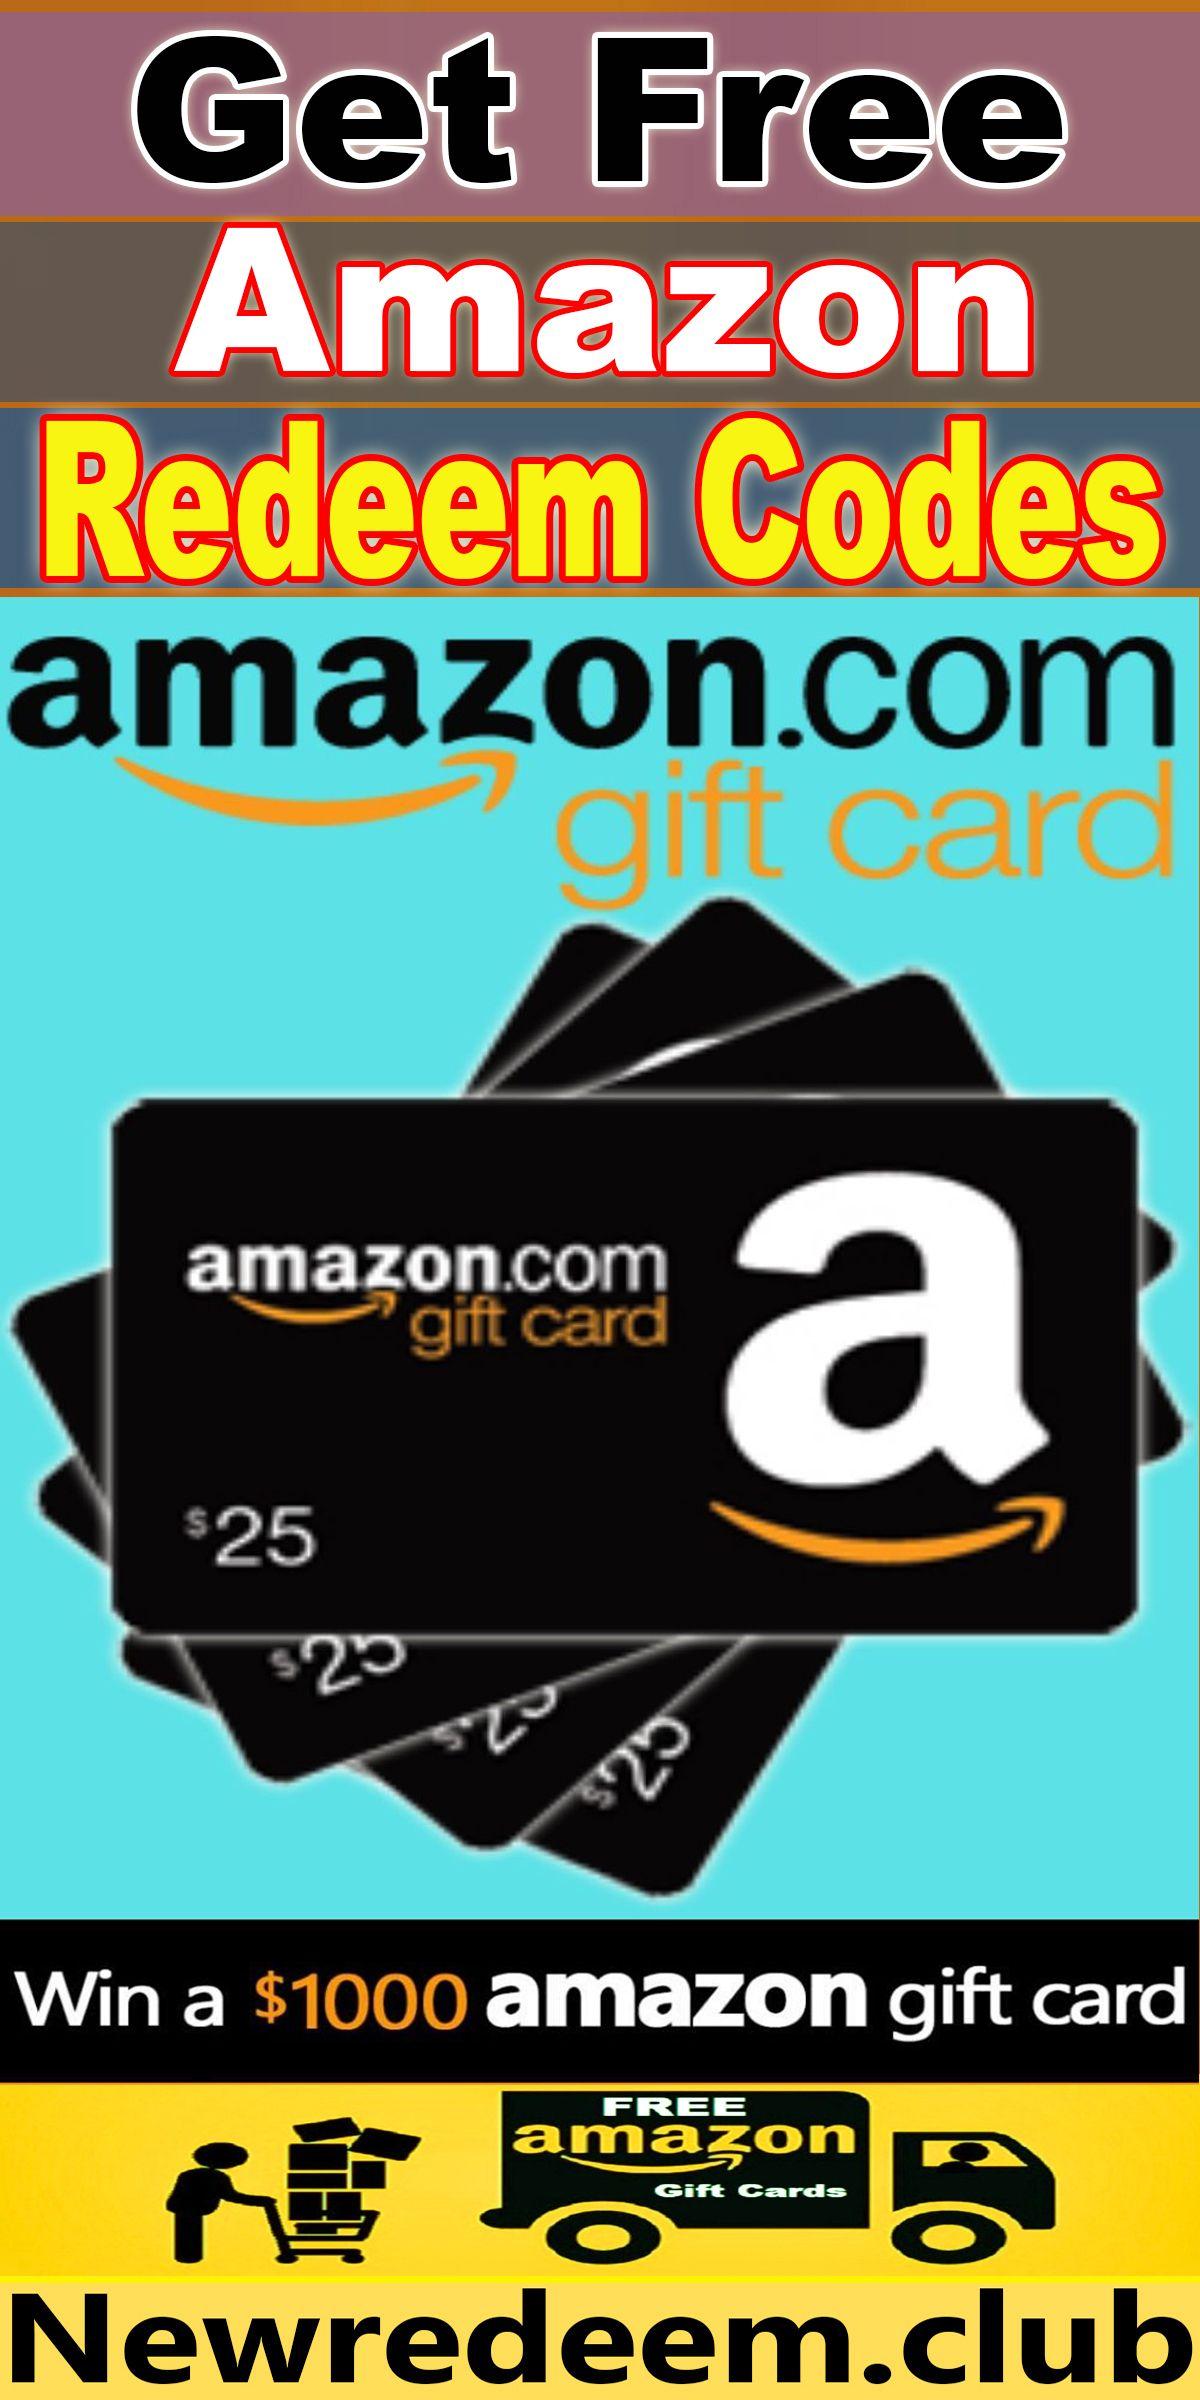 Amazon Gift Card Giveaway Amazon Gift Card Free Amazon Gift Cards Free Amazon Products